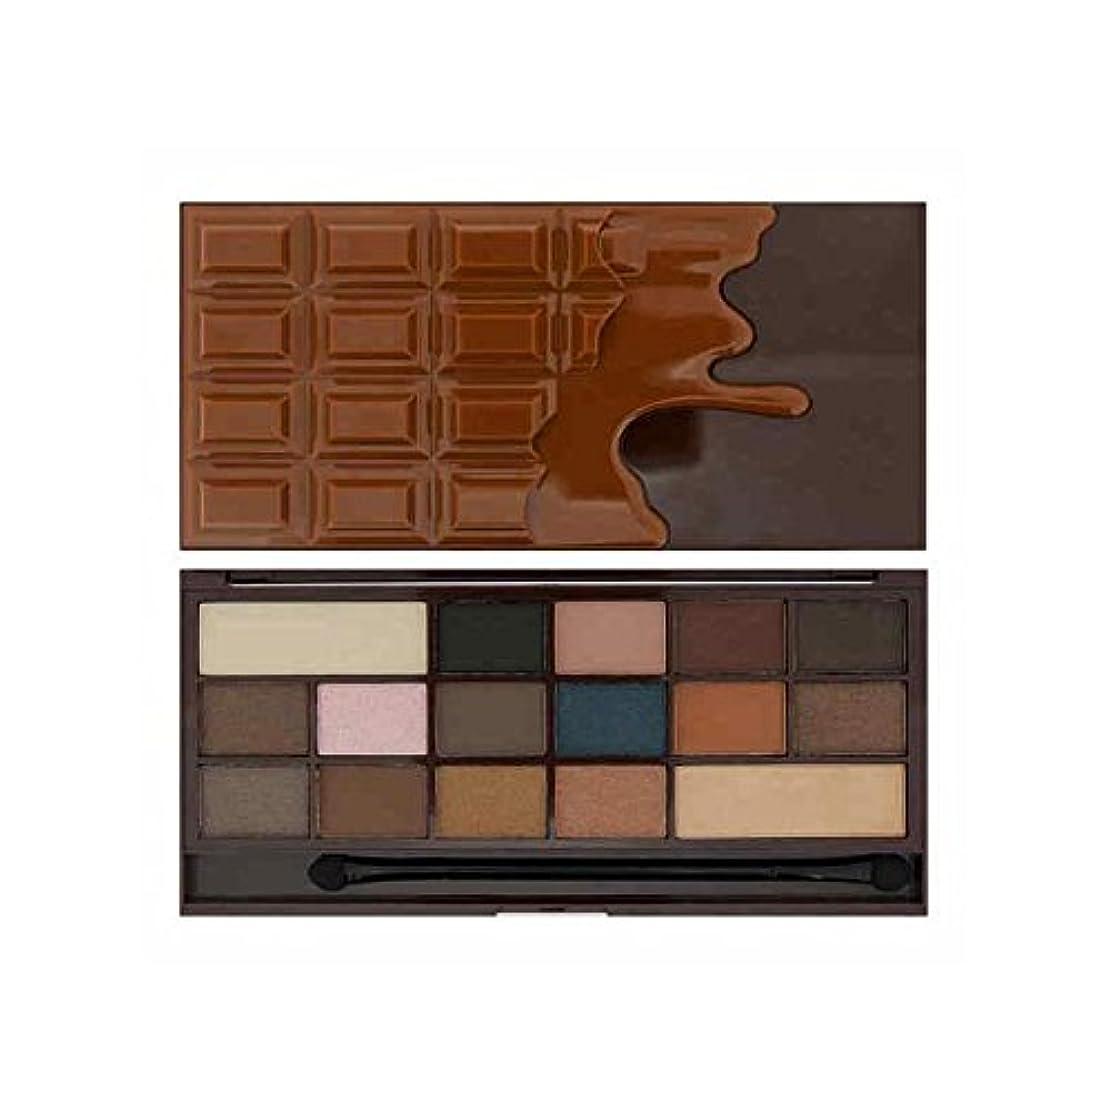 合併症フェミニン生む私は心のチョコレートアイシャドウは、キャラメルを塩漬け x2 - I Heart Chocolate Eye Shadow Salted Caramel (Pack of 2) [並行輸入品]